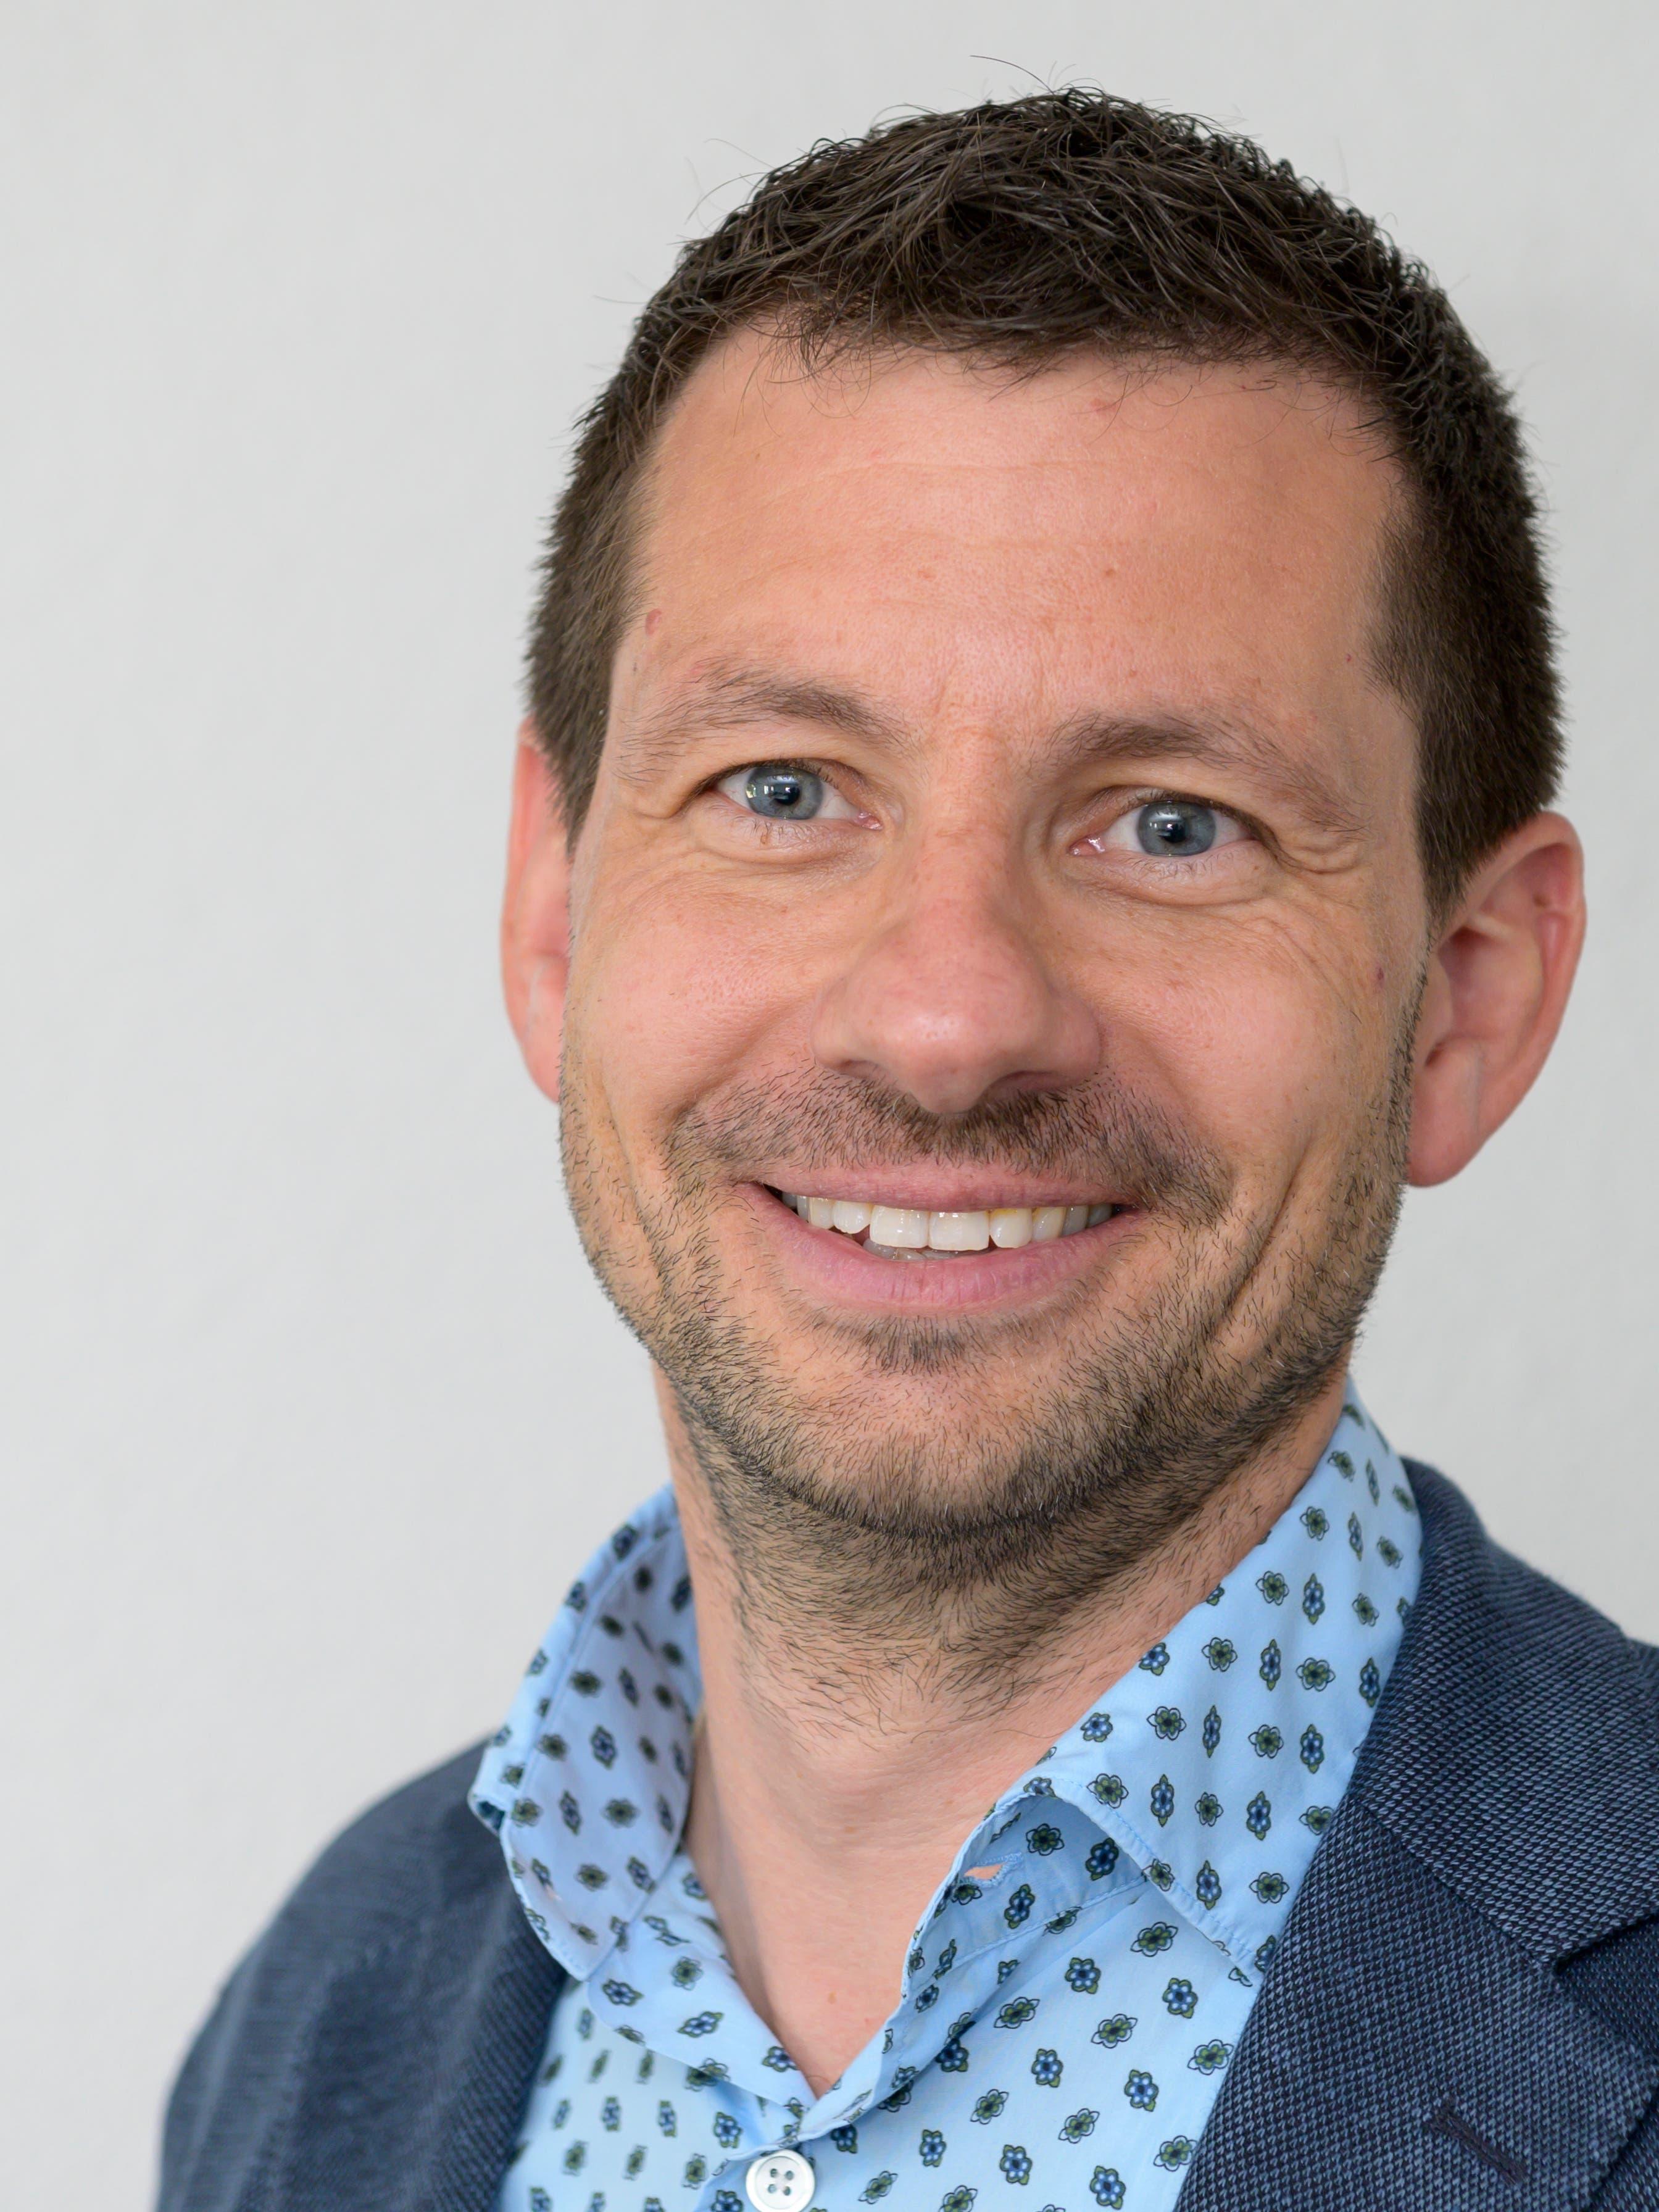 Gewählt: Florian Meyerhans, FDP (bisher)